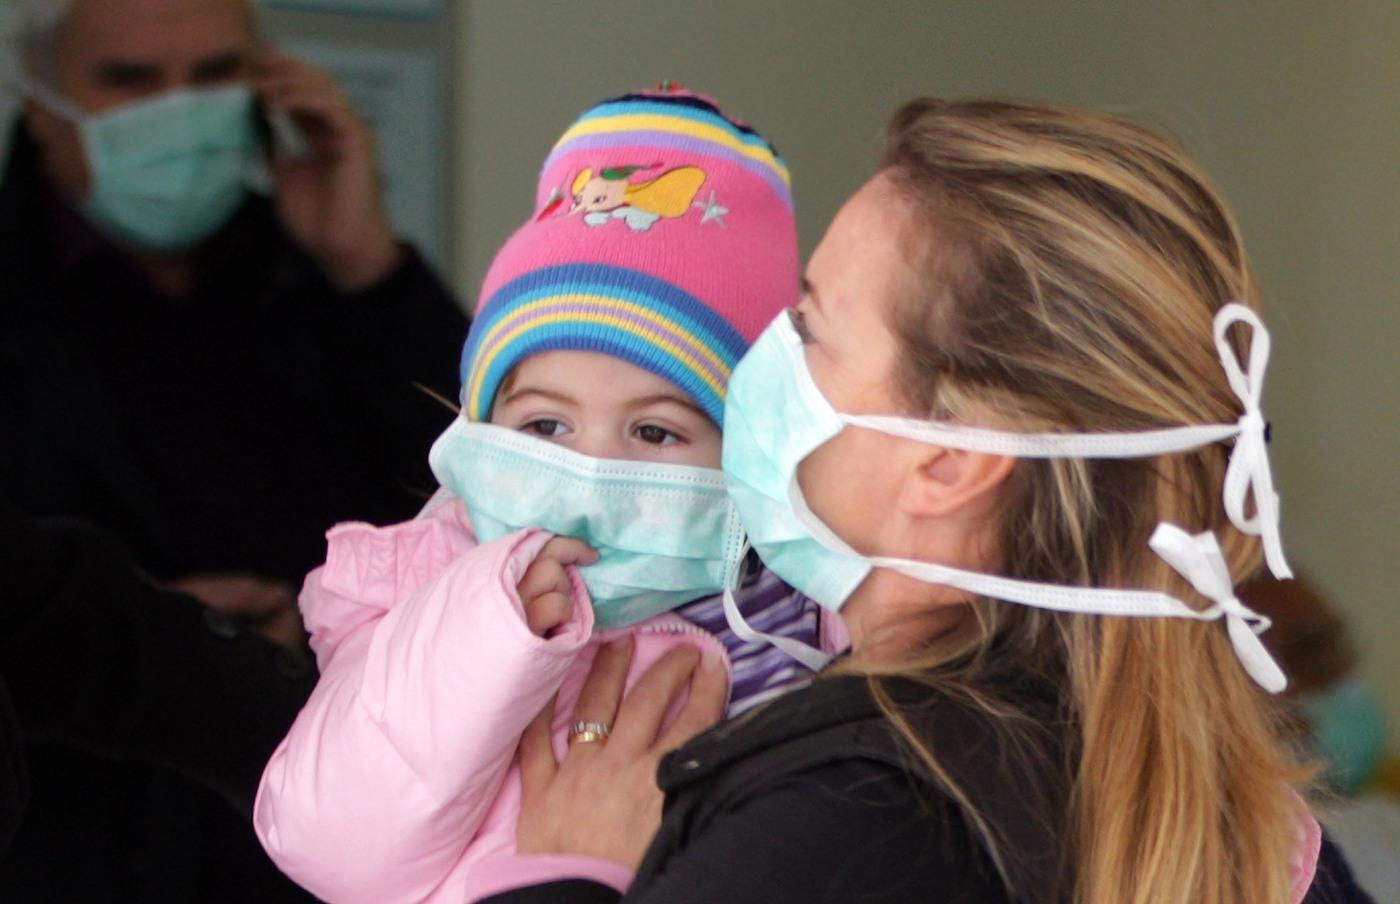 Coronavirus, fase 2: libera uscita anche per i bambini, ma con la mascherina e non in luoghi affollati